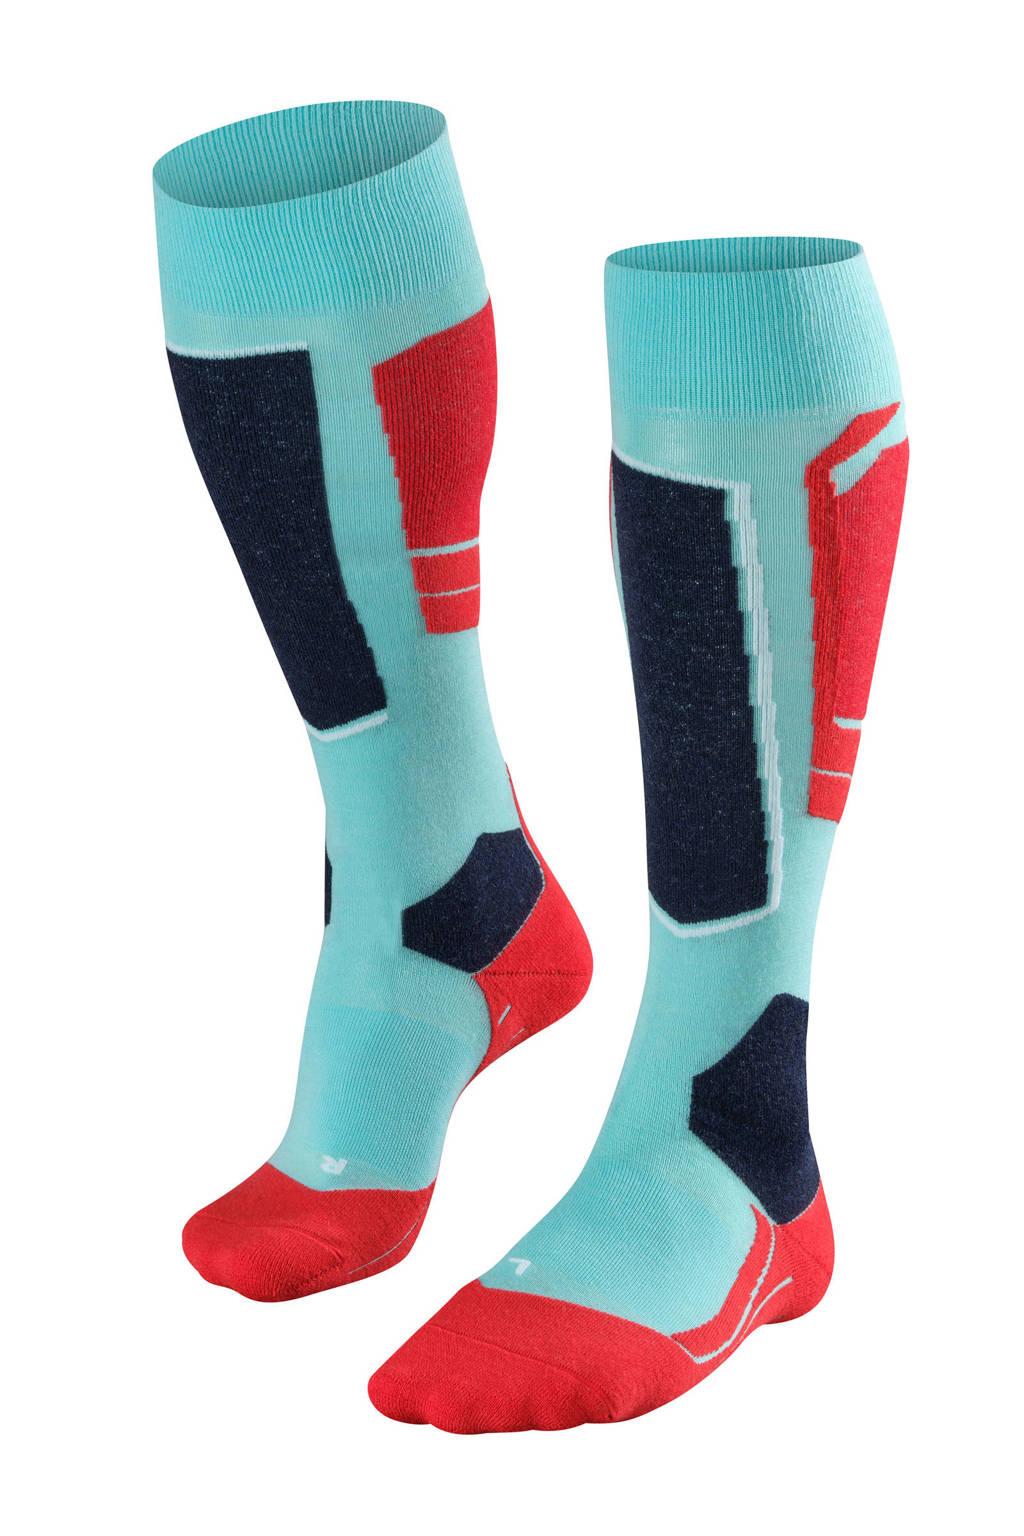 FALKE skisokken SK4 blauw, Blauw